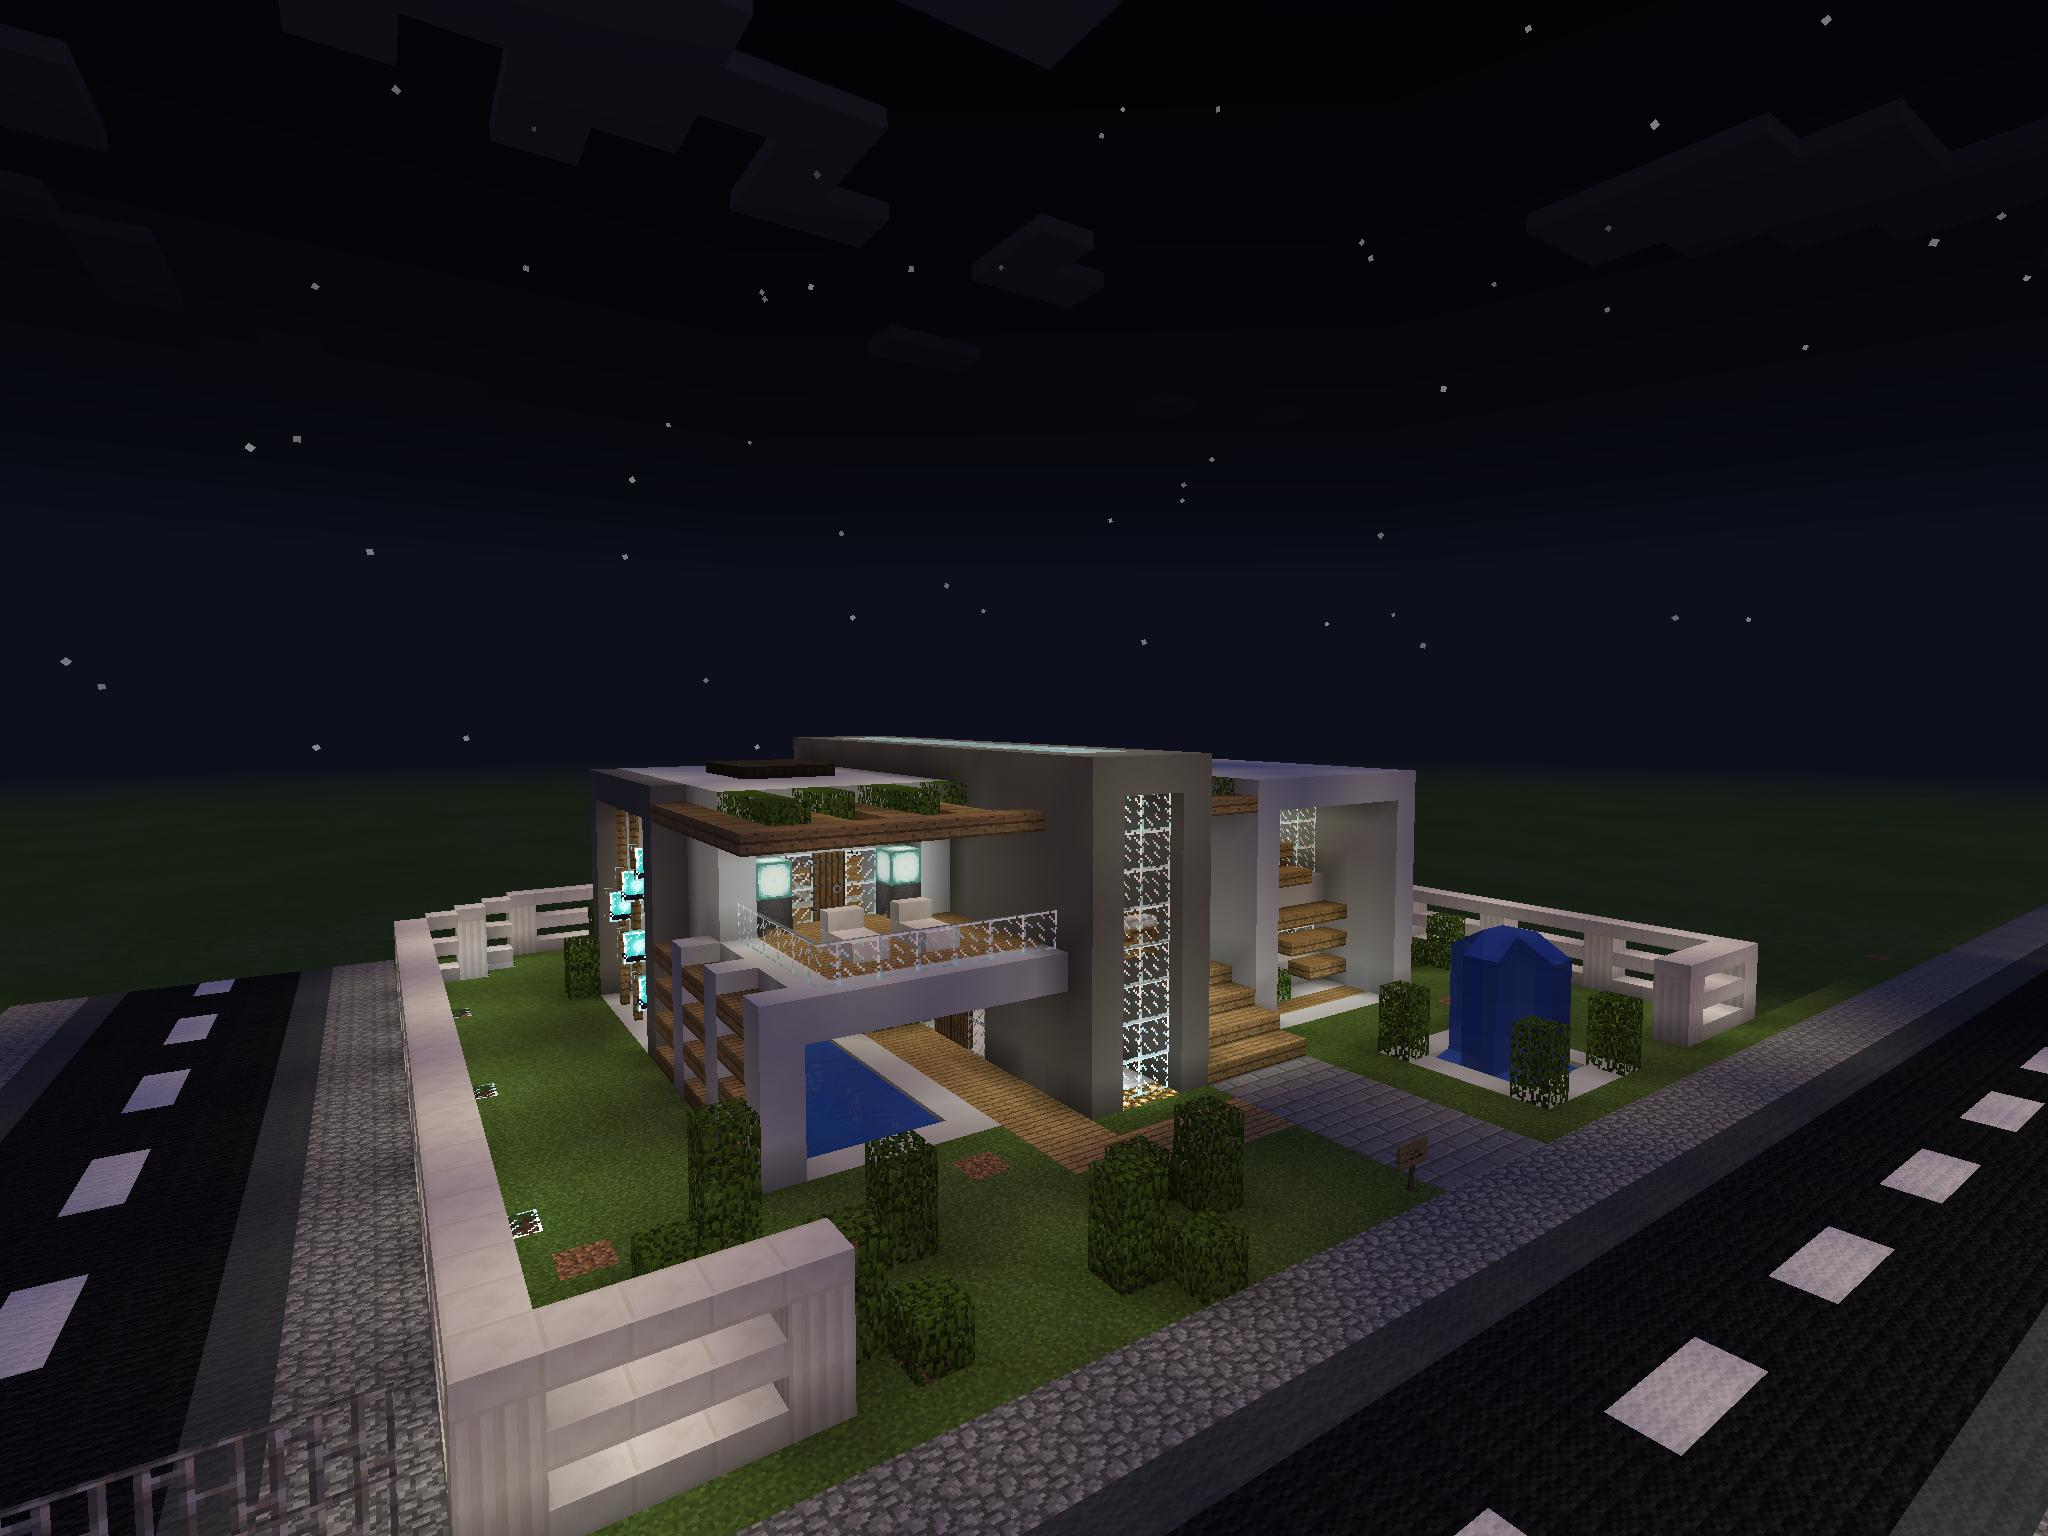 Full Size of Minecraft Küche Moderne Auergewhnliche Villa Mit Pool Inklusive Einrichtung Landhausküche Einrichten Landküche Tapete Modern Einbauküche Elektrogeräten Wohnzimmer Minecraft Küche